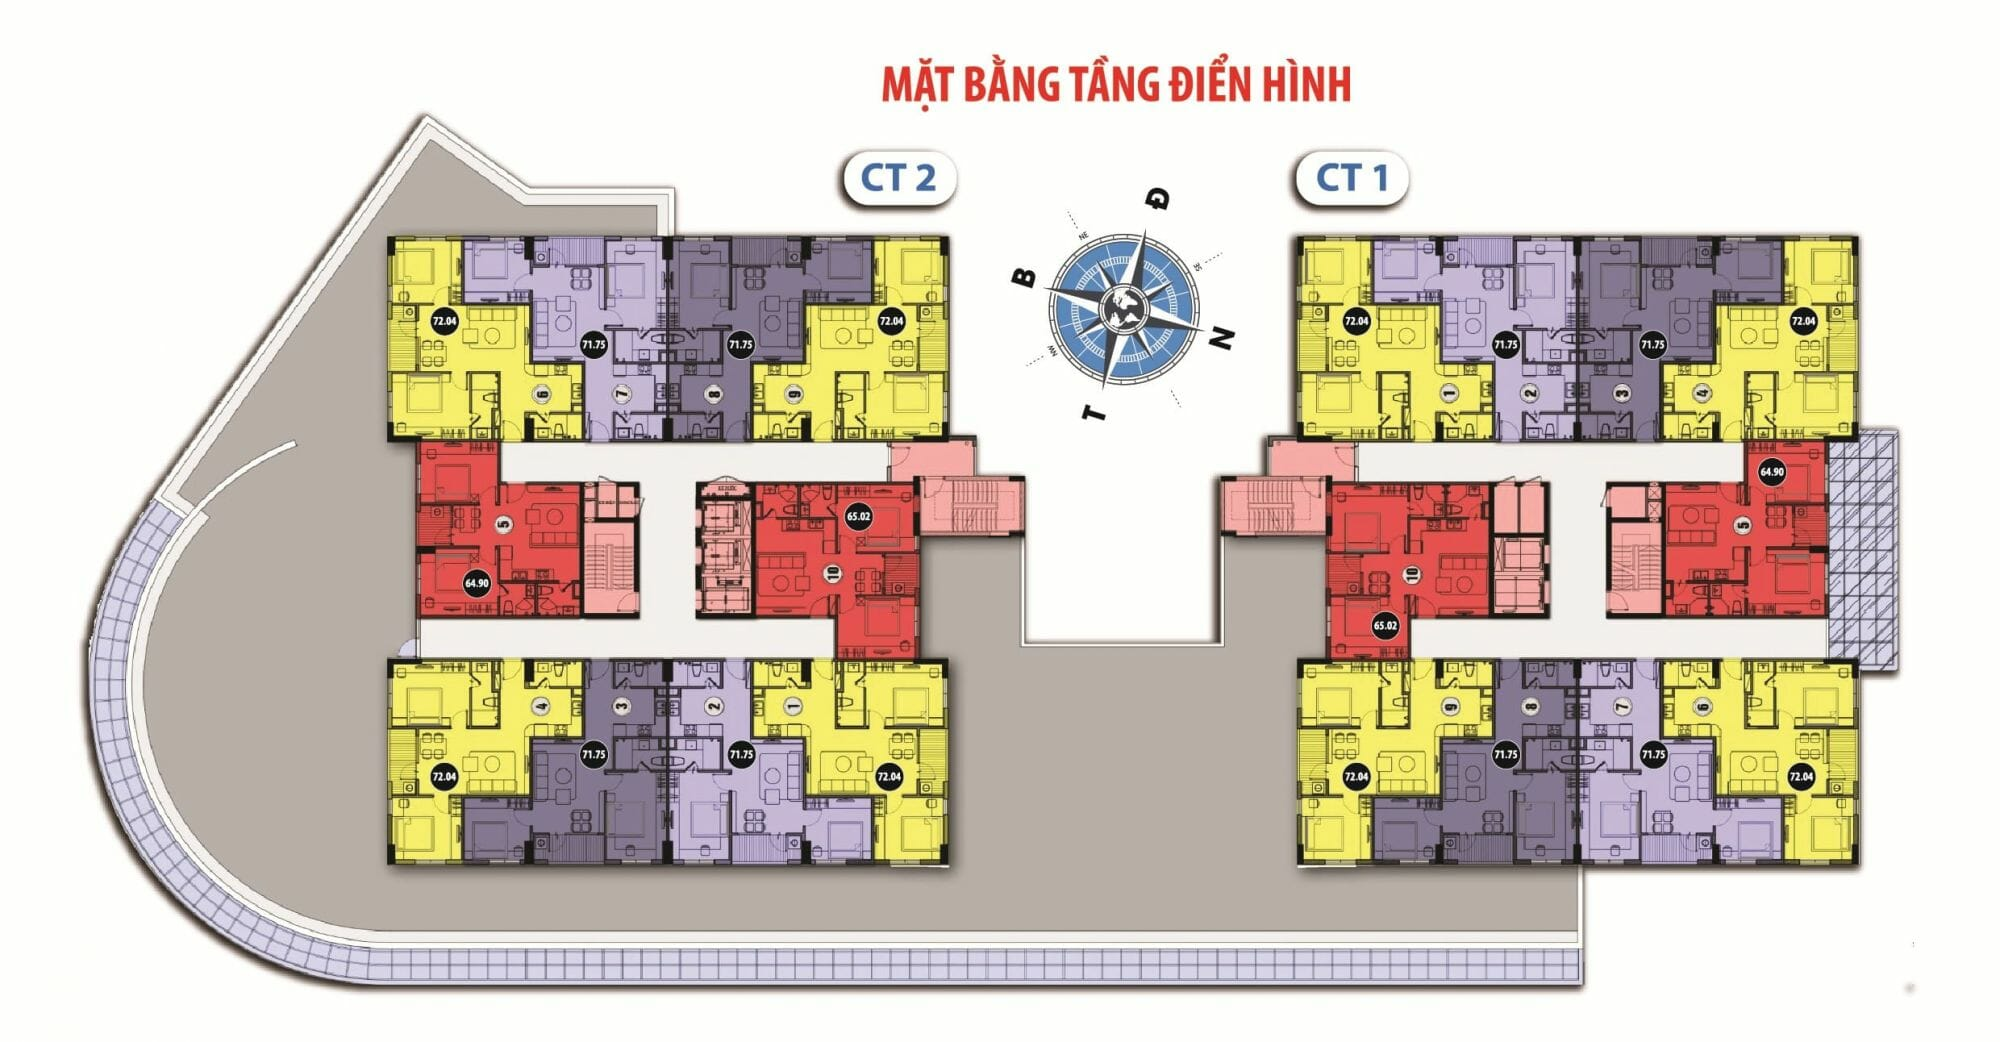 Bảng giá cho thuê căn hộ chung cư Handico Garden NO-08 Giang Biên 7